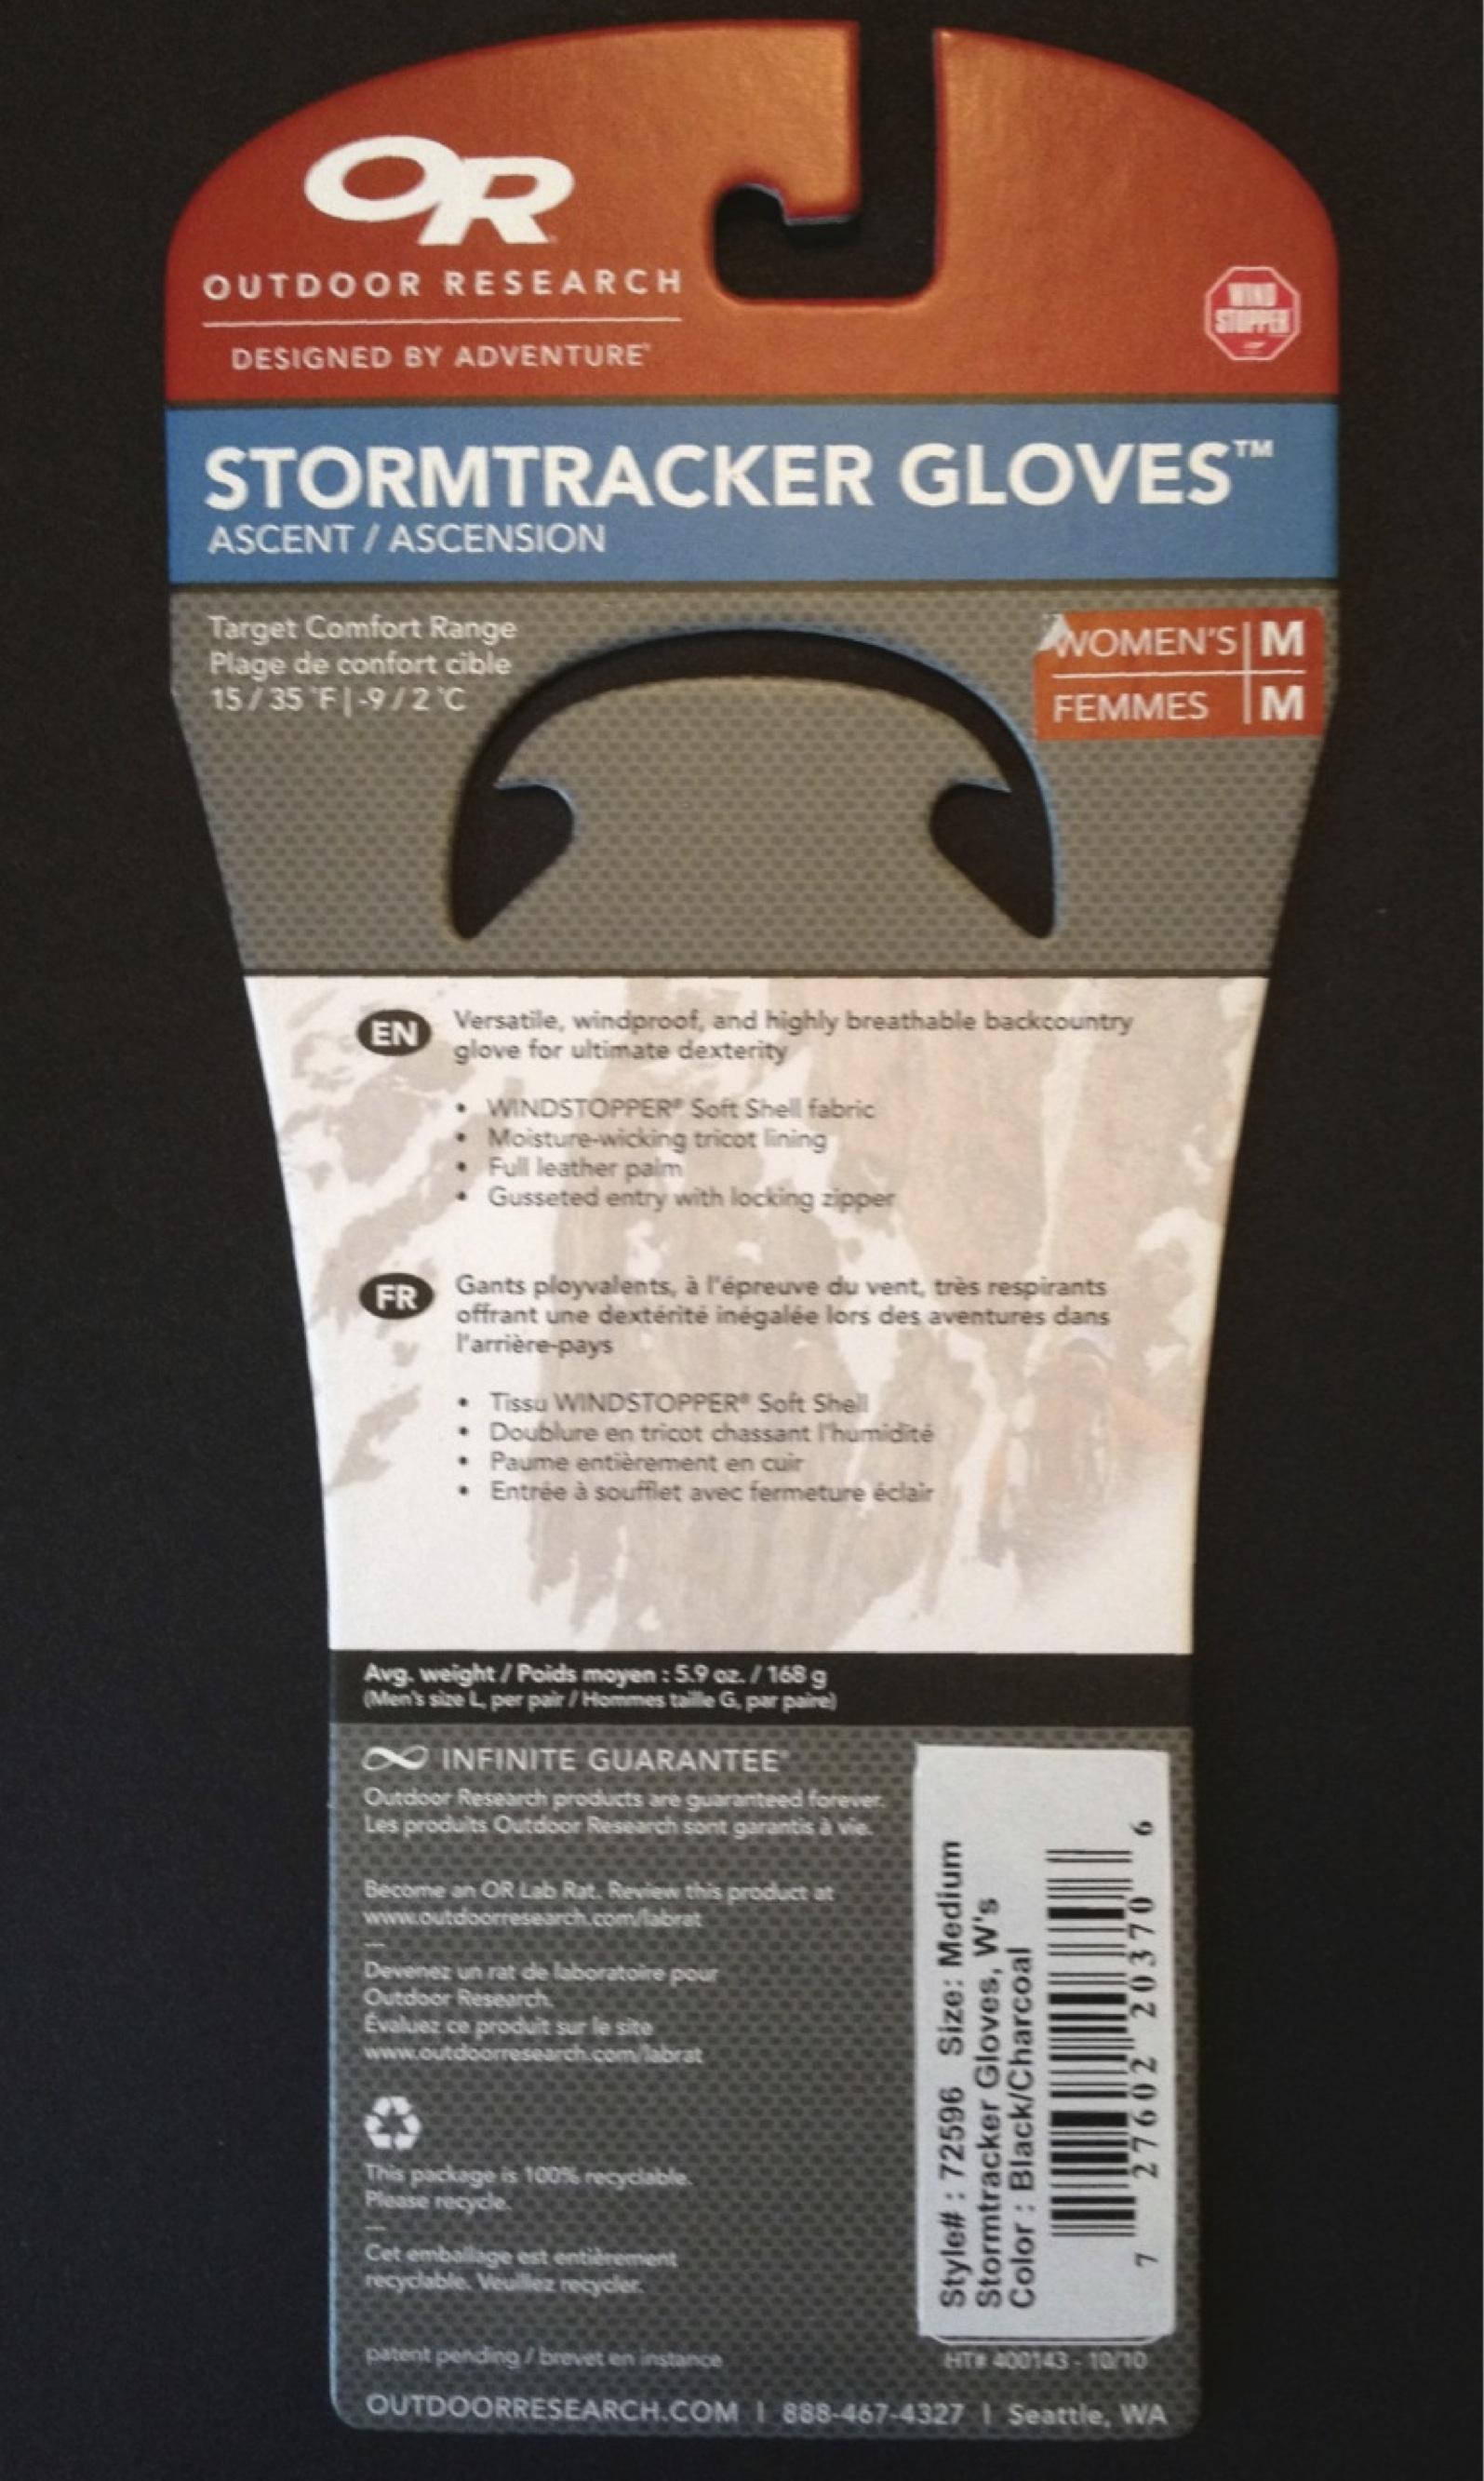 Stormtracker Gloves Packaging.jpg